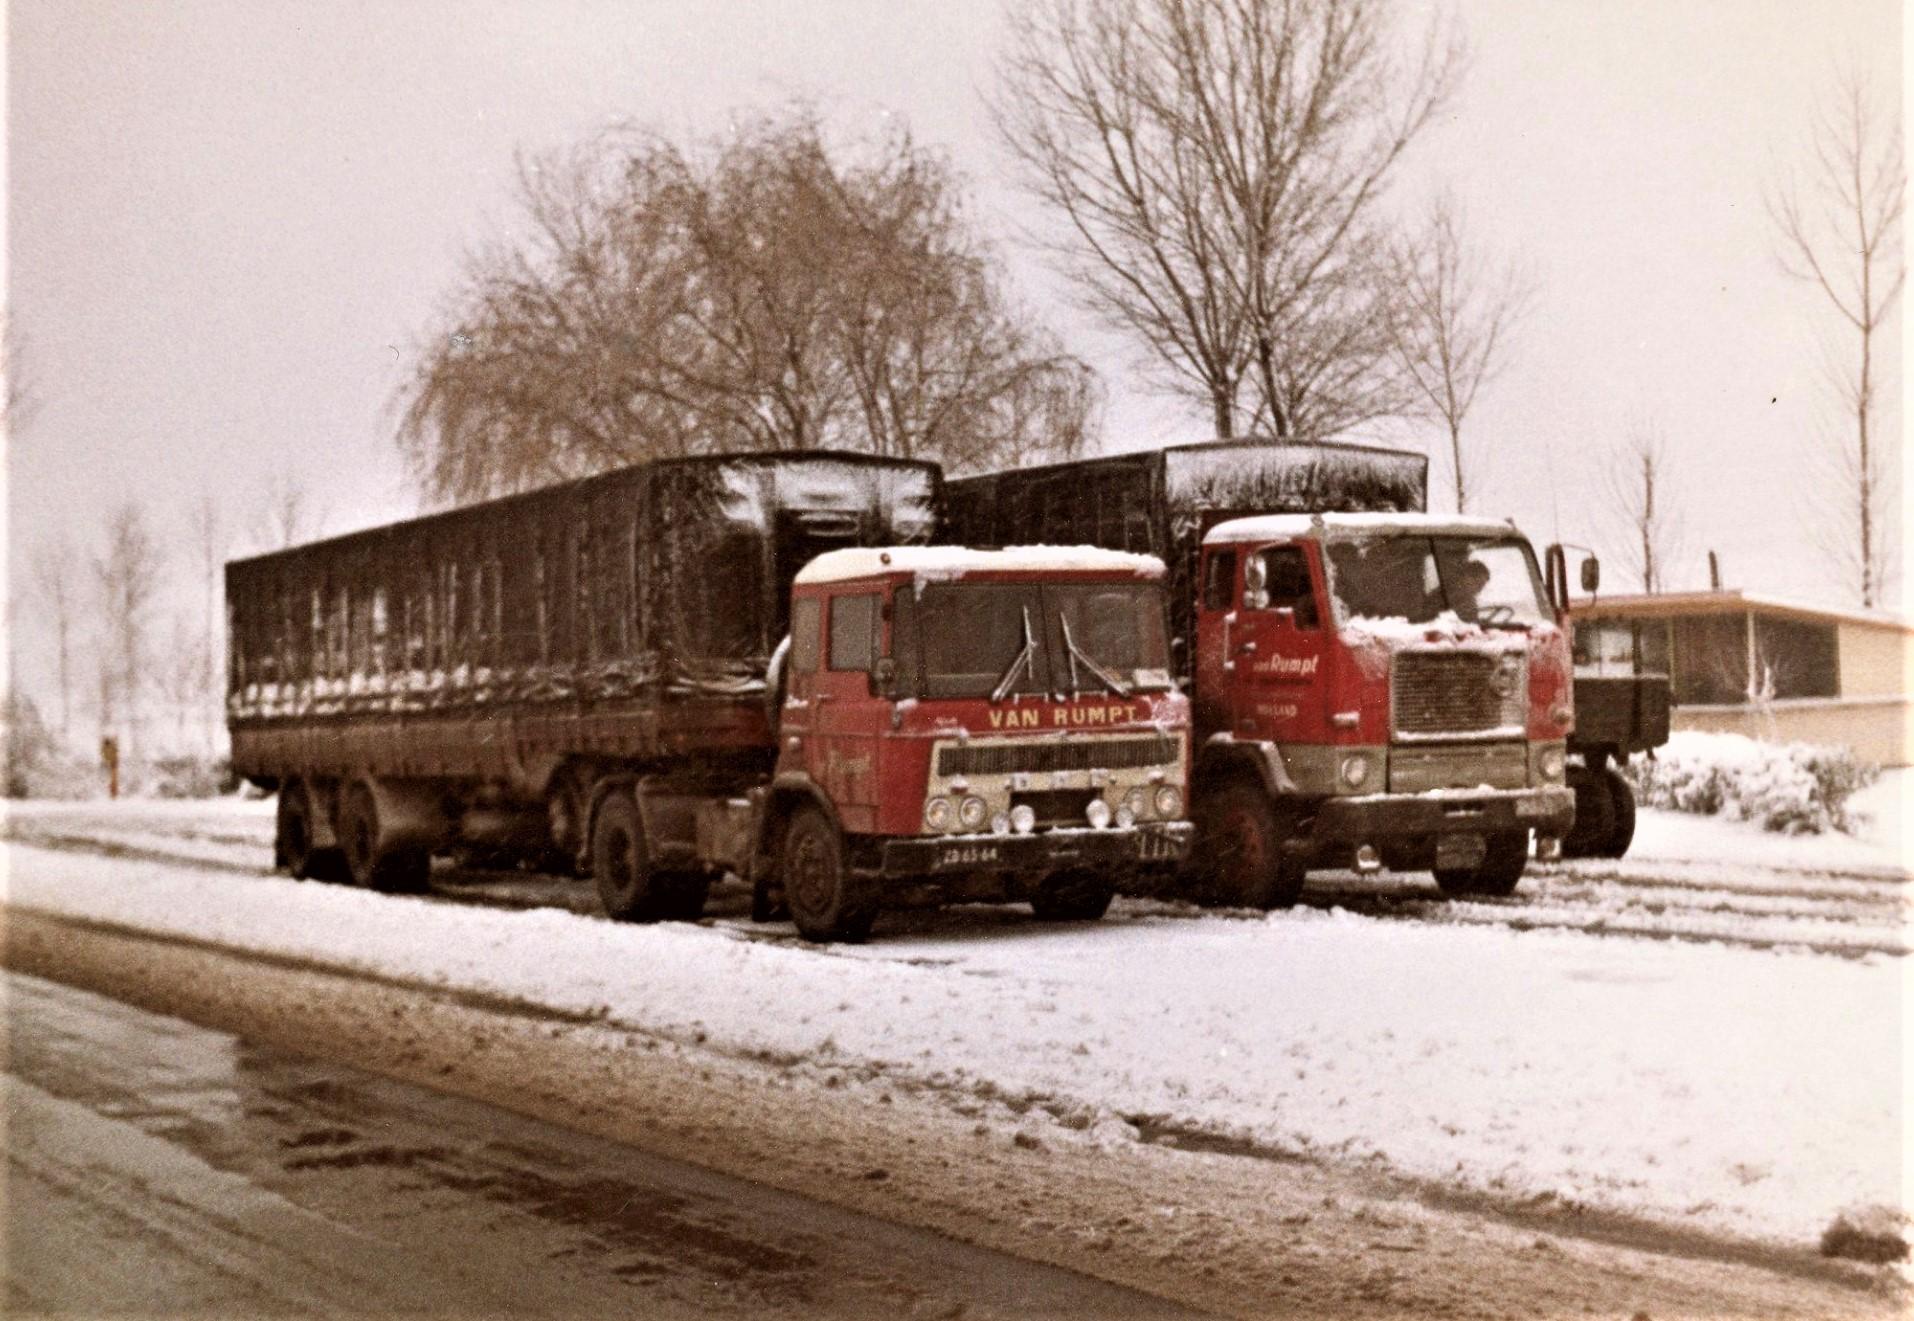 Daf-ZB-65-64-Dingeman-Geelhoed--Volvo-BB-51-51-Aren-Koningswoud--op-weg-naar-midden-Oosten-2